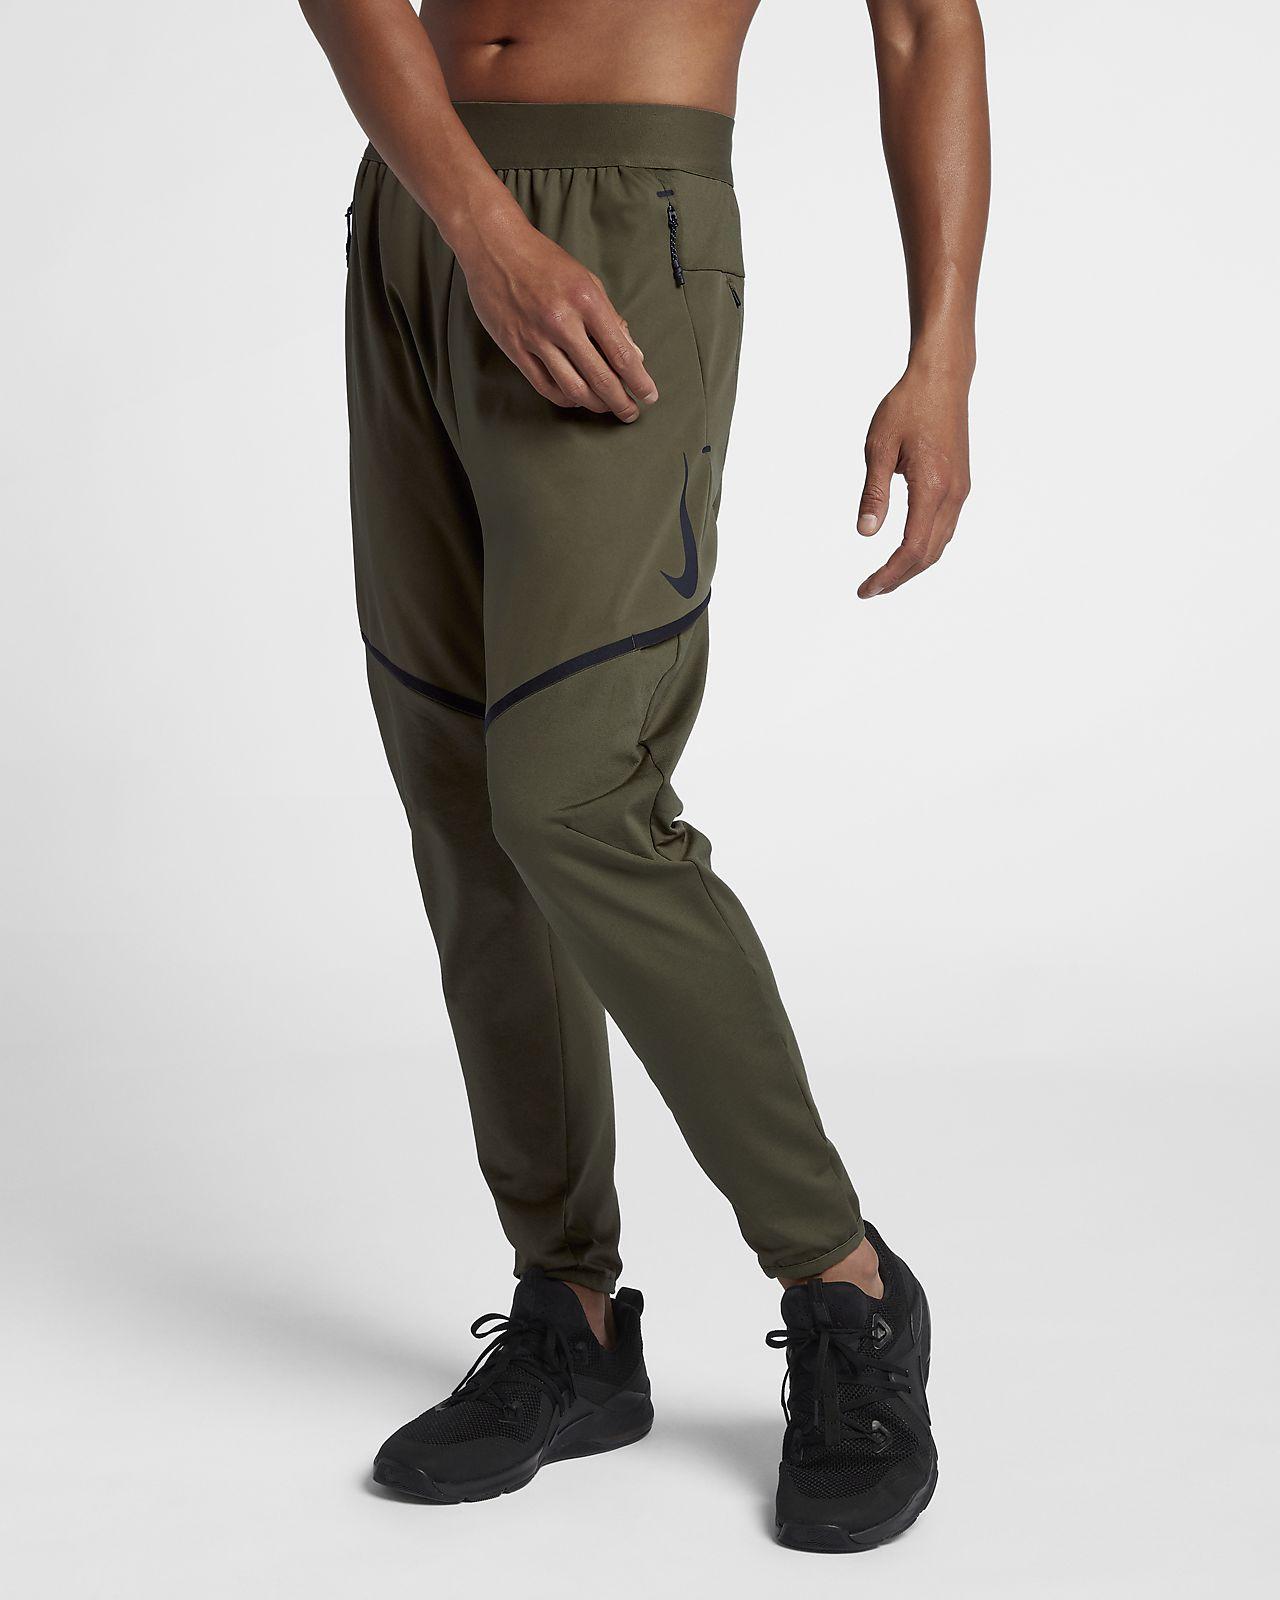 e147e63d9 Nike Dri-FIT Premium Men s Training Trousers. Nike.com GB